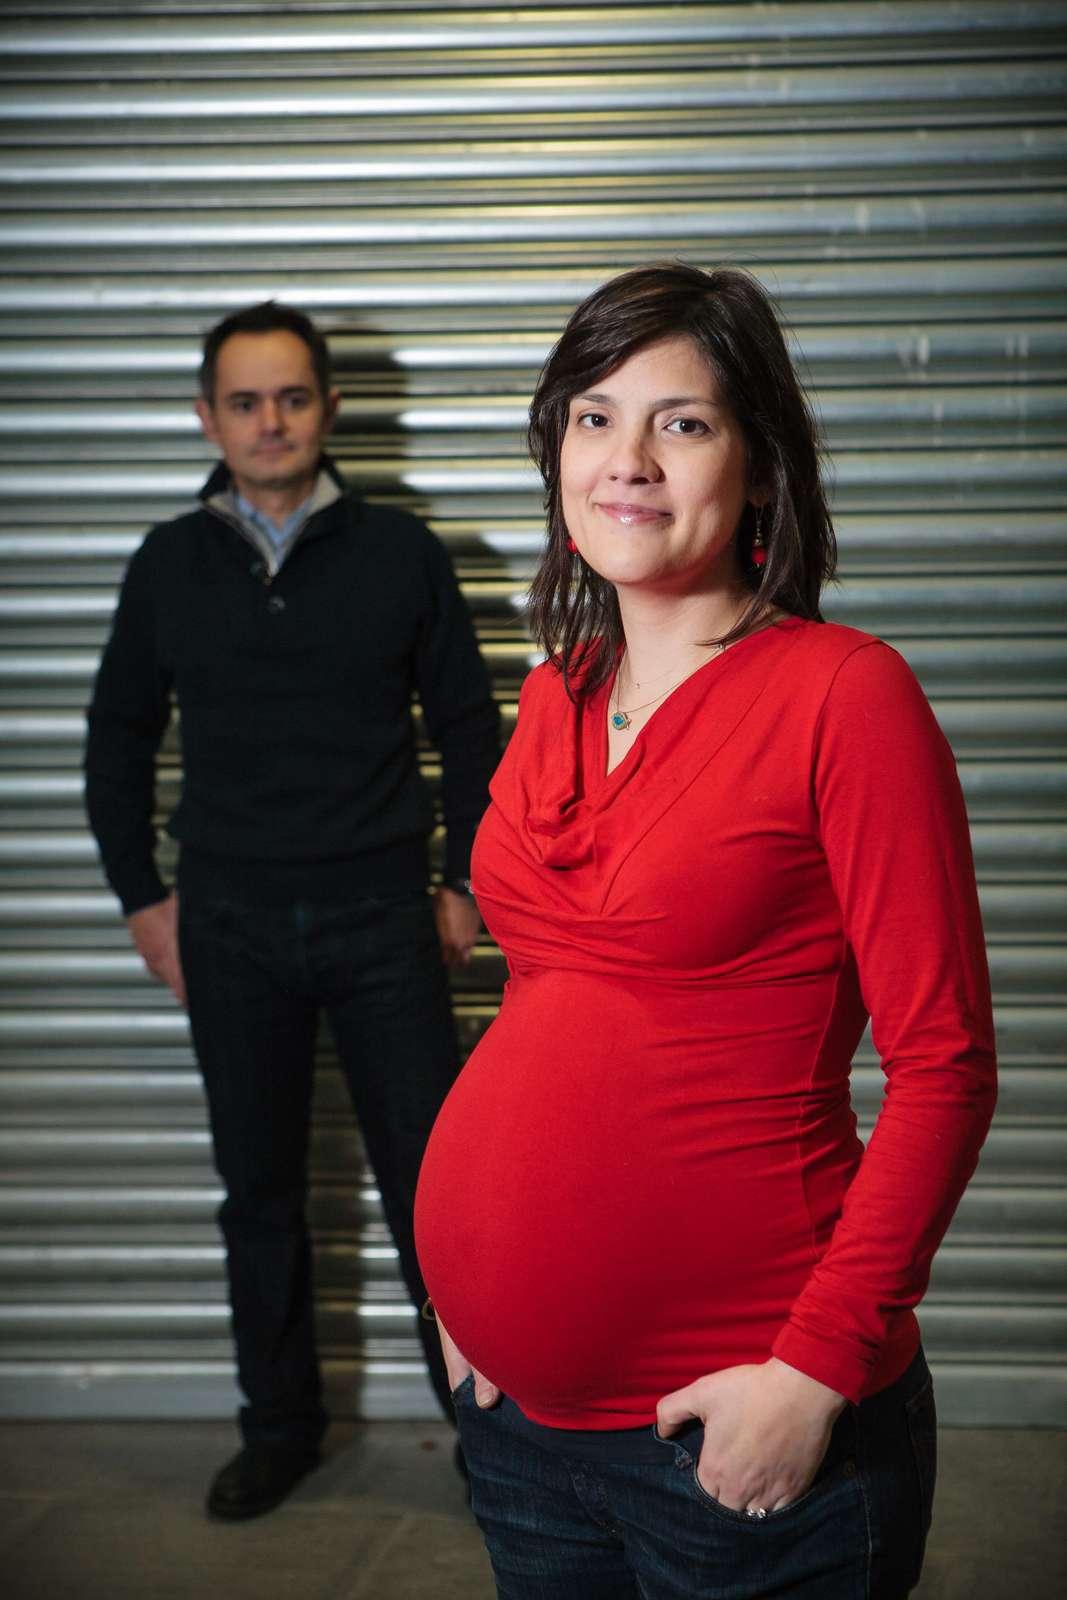 Fotografo de embarazo, embarazadas y bebes en el DF Mexico  Fotografo en el DF, Mexico, especializado en fotografía de embarazo